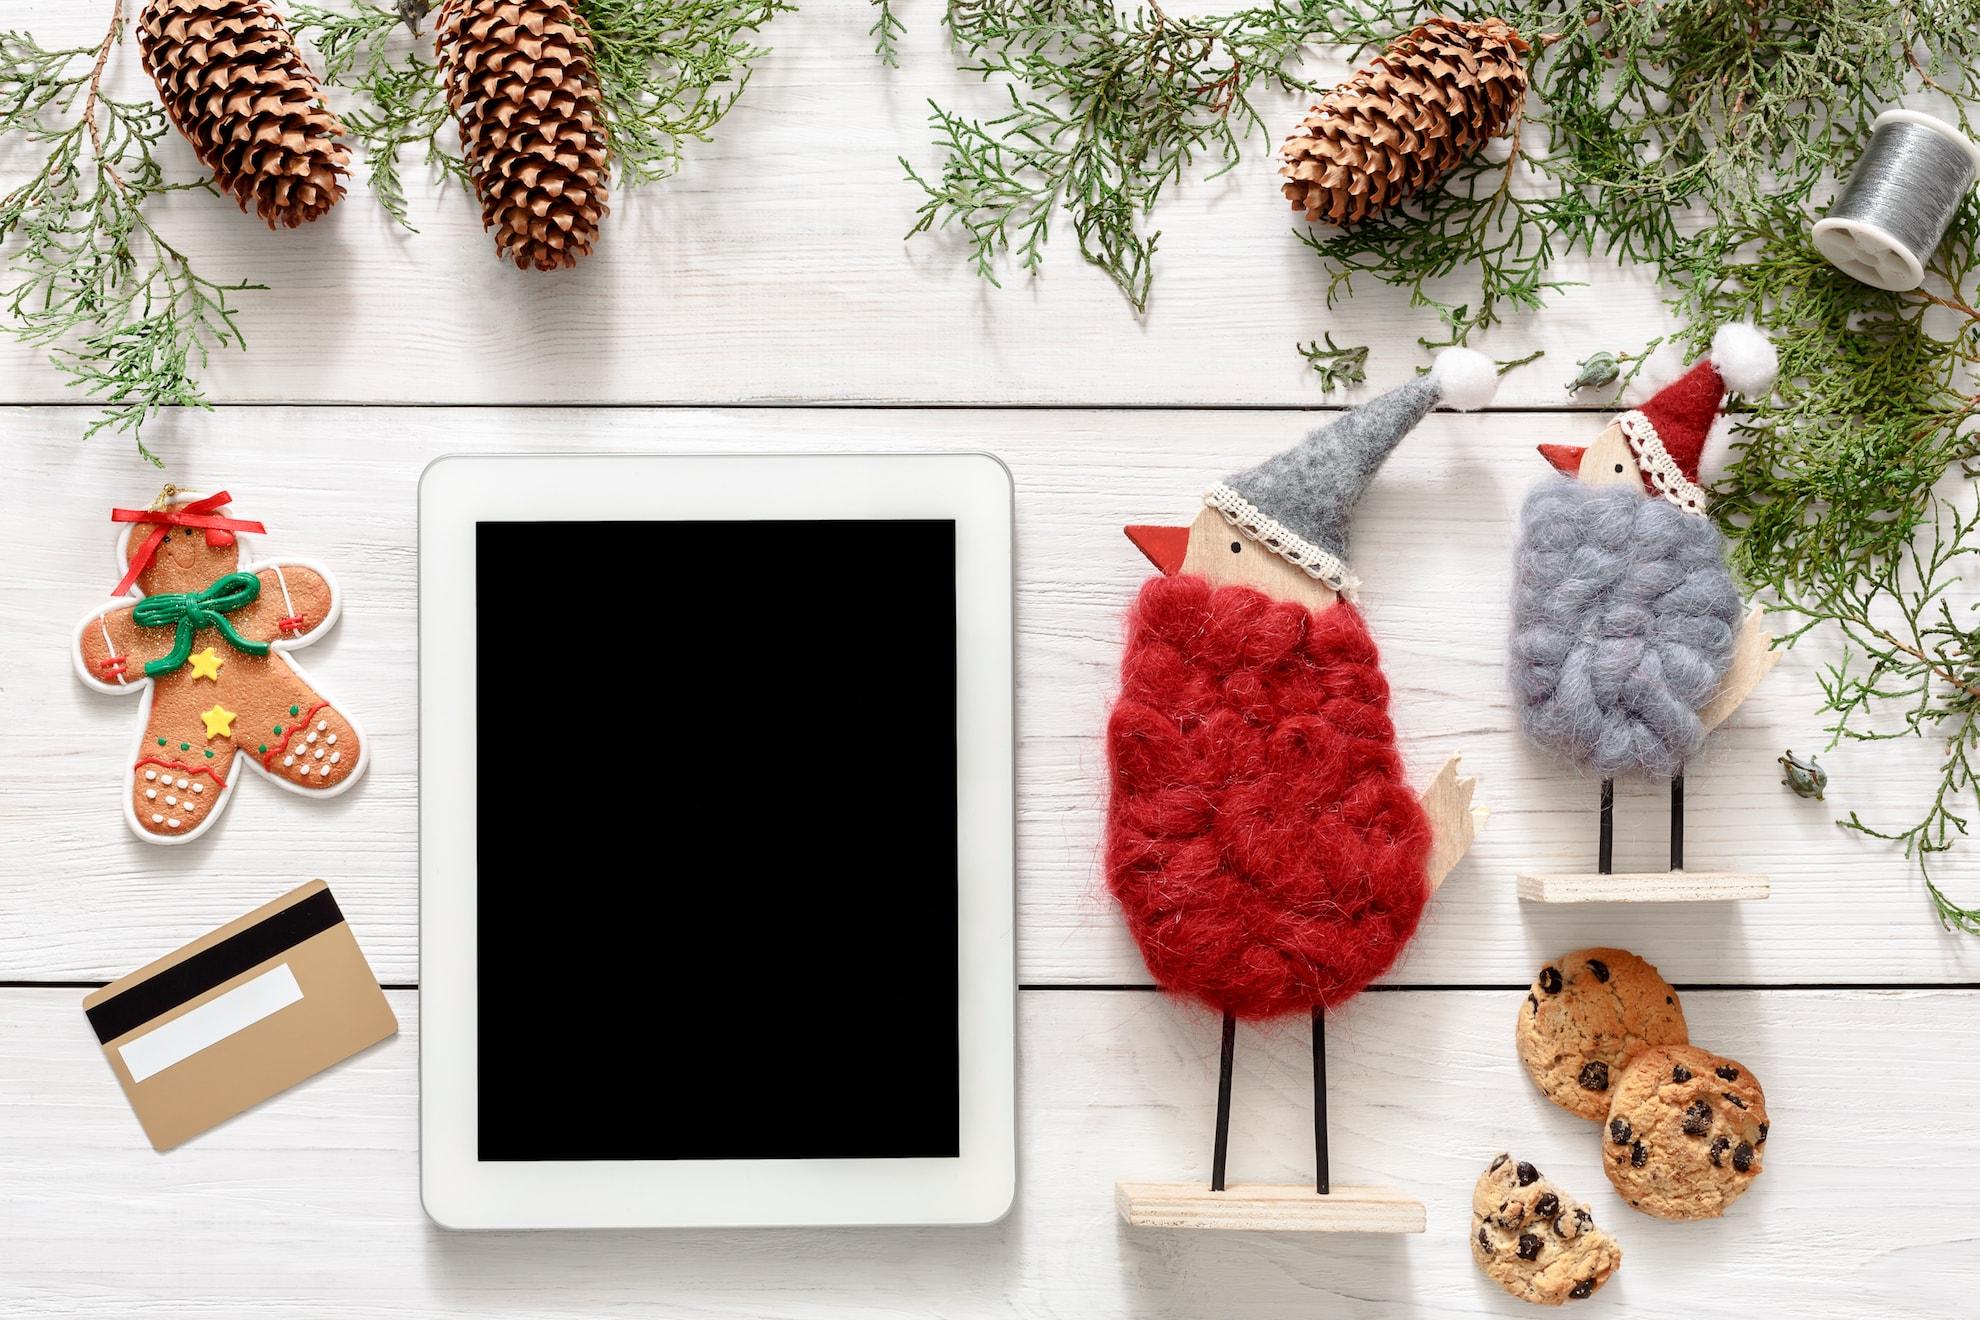 Holiday Season online shopping-background marketing SEO